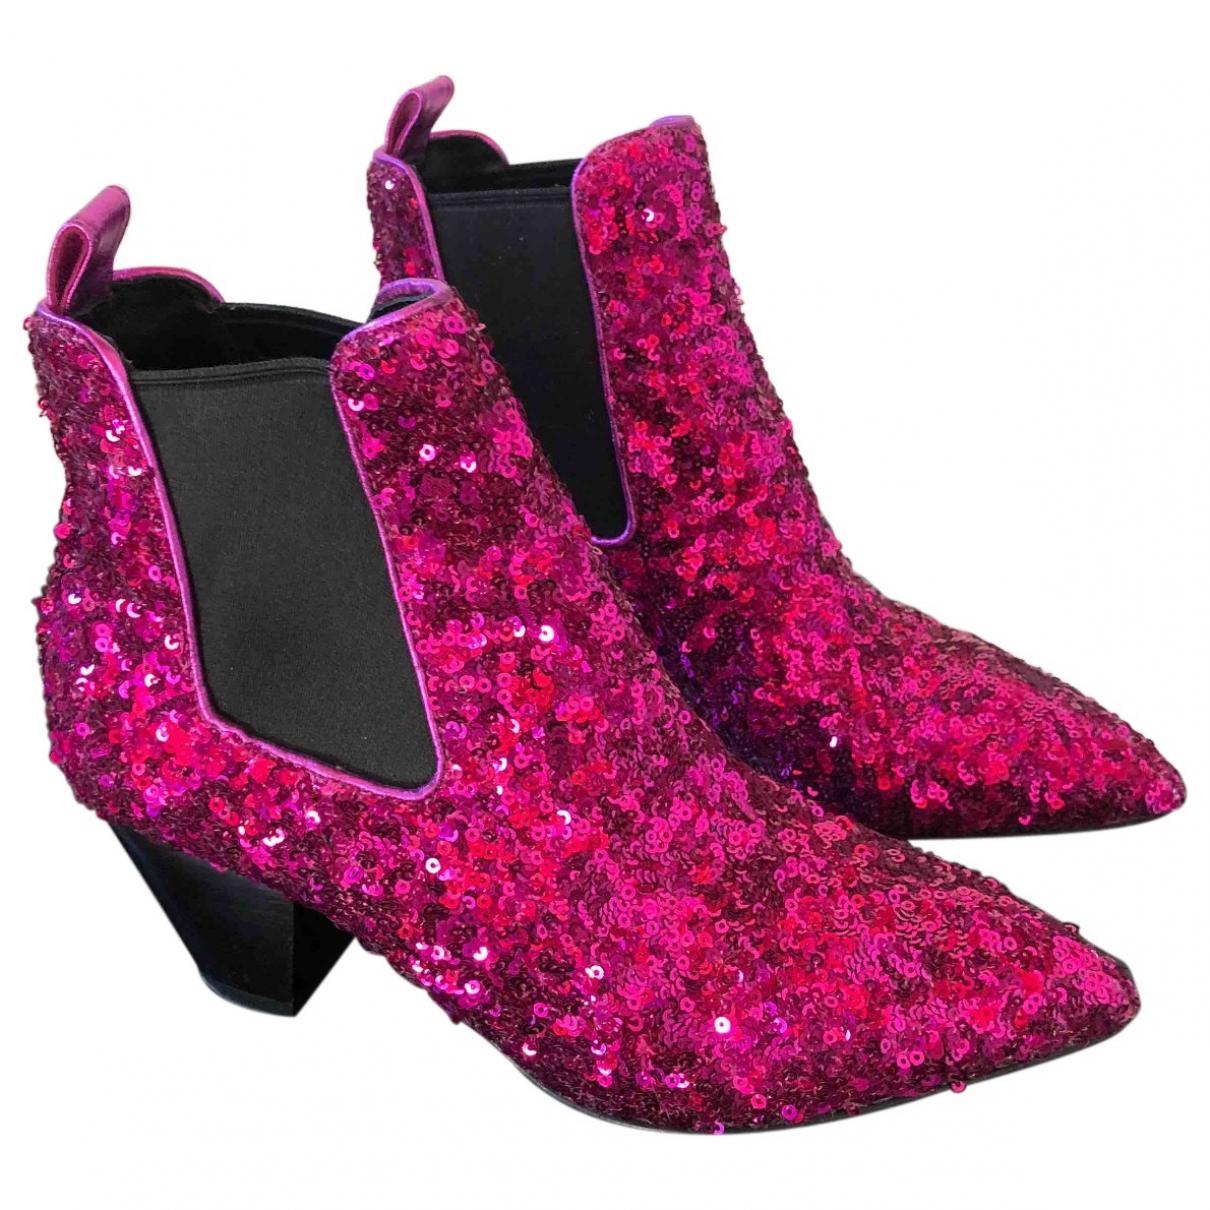 Marc Jacobs - Boots   pour femme en a paillettes - violet